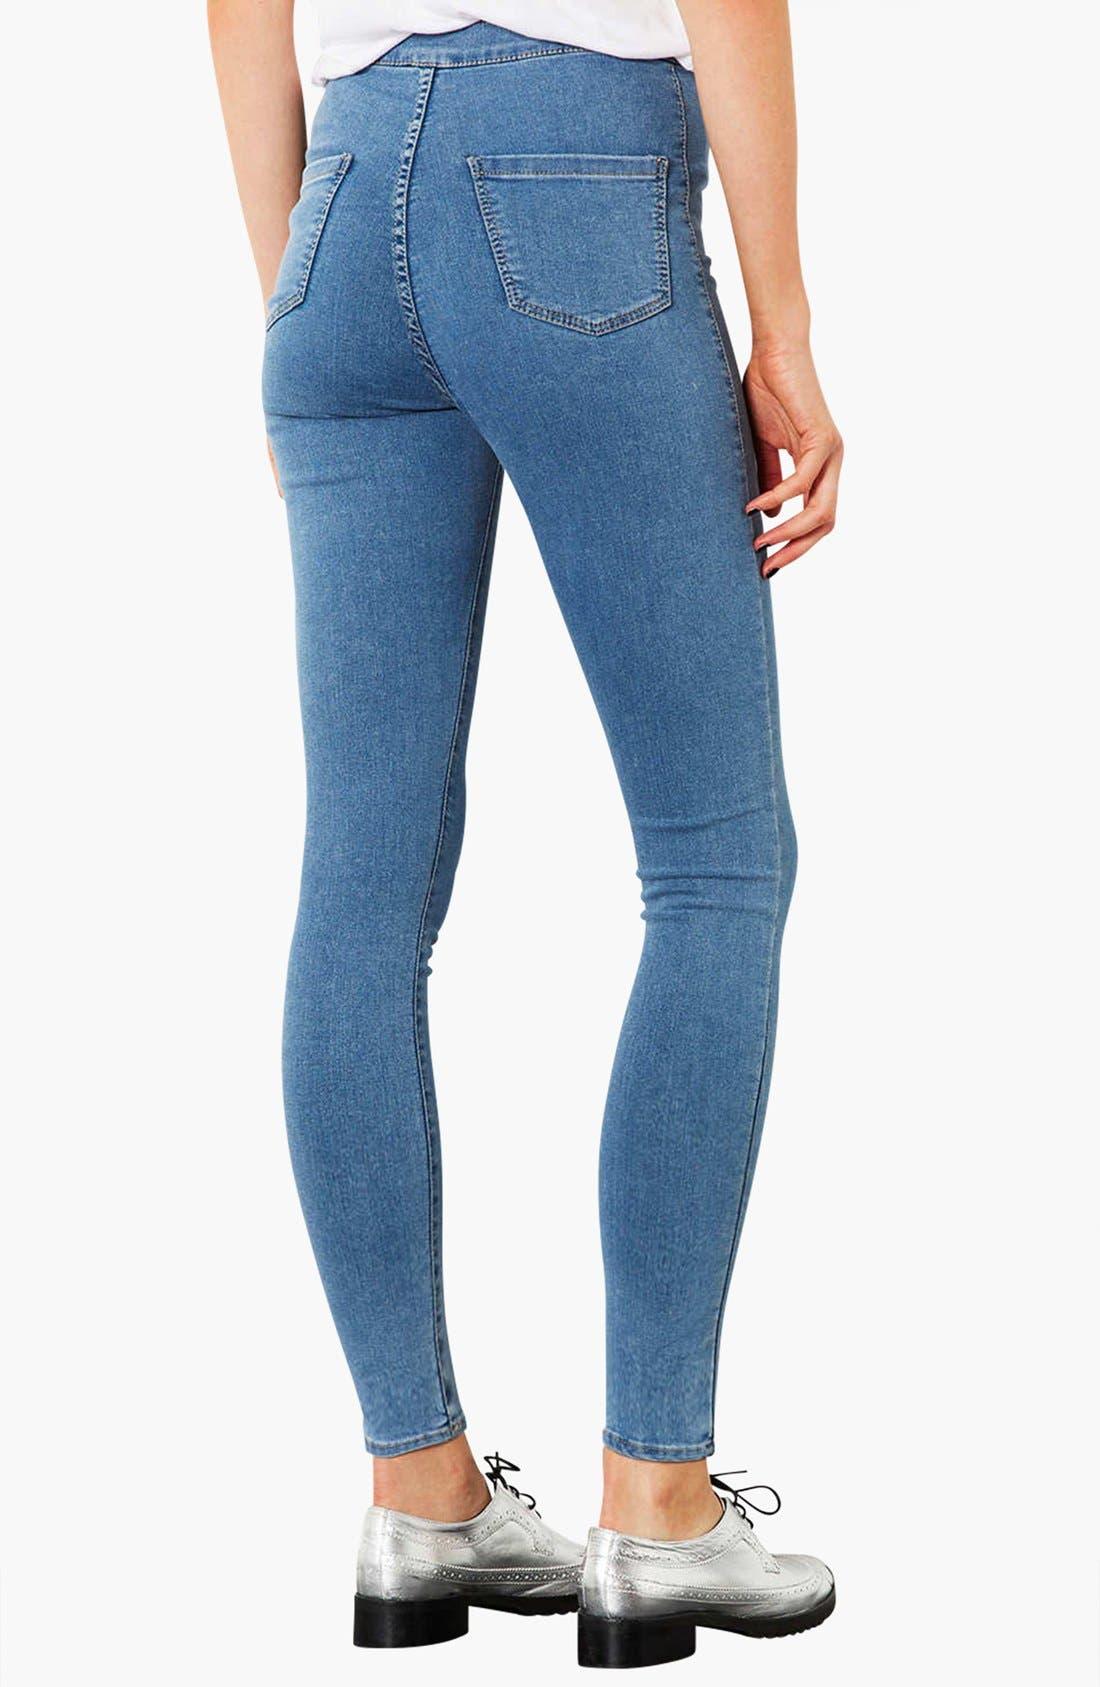 Alternate Image 2  - Topshop Moto 'Joni' High Rise Skinny Jeans (Mid Stone) (Short)